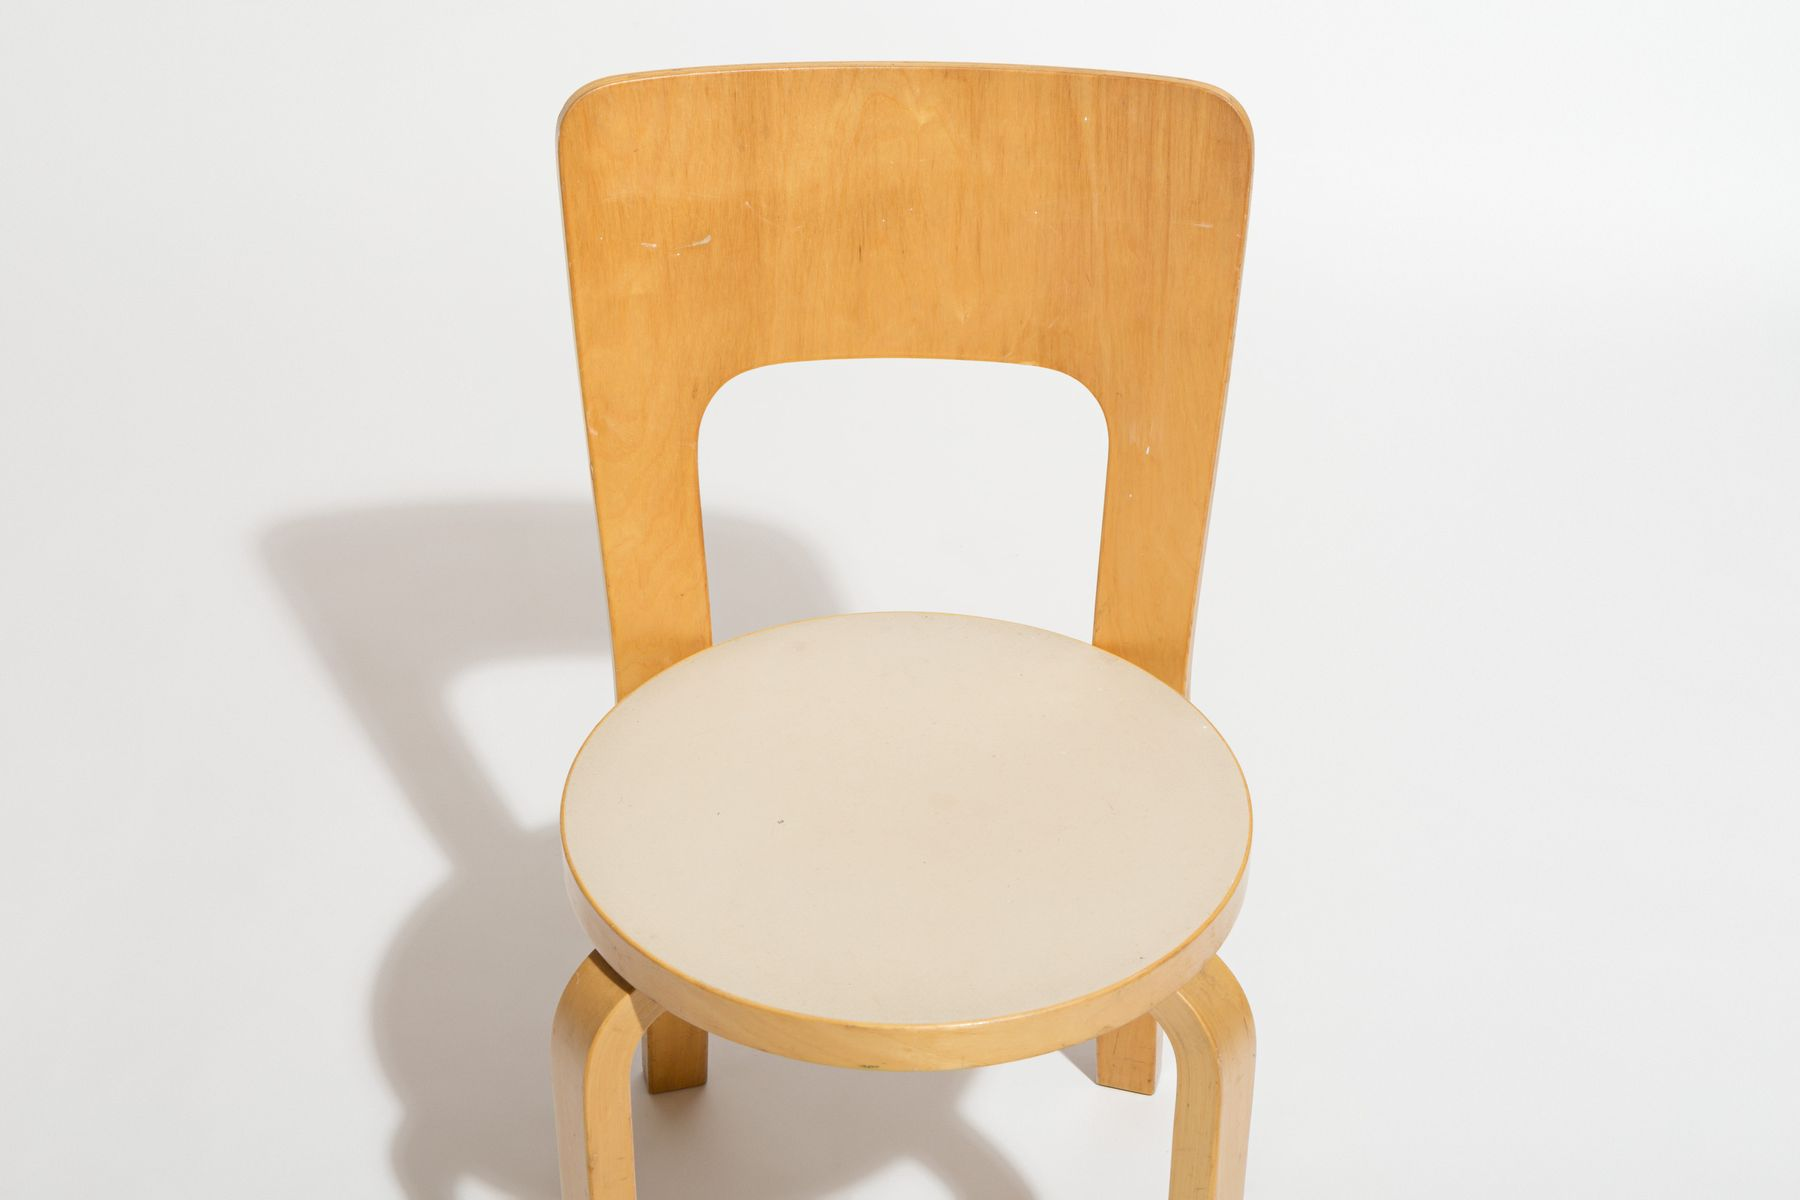 chaises de salon vintage mod le 66 par alvar aalto pour artek set de 4 en vente sur pamono. Black Bedroom Furniture Sets. Home Design Ideas